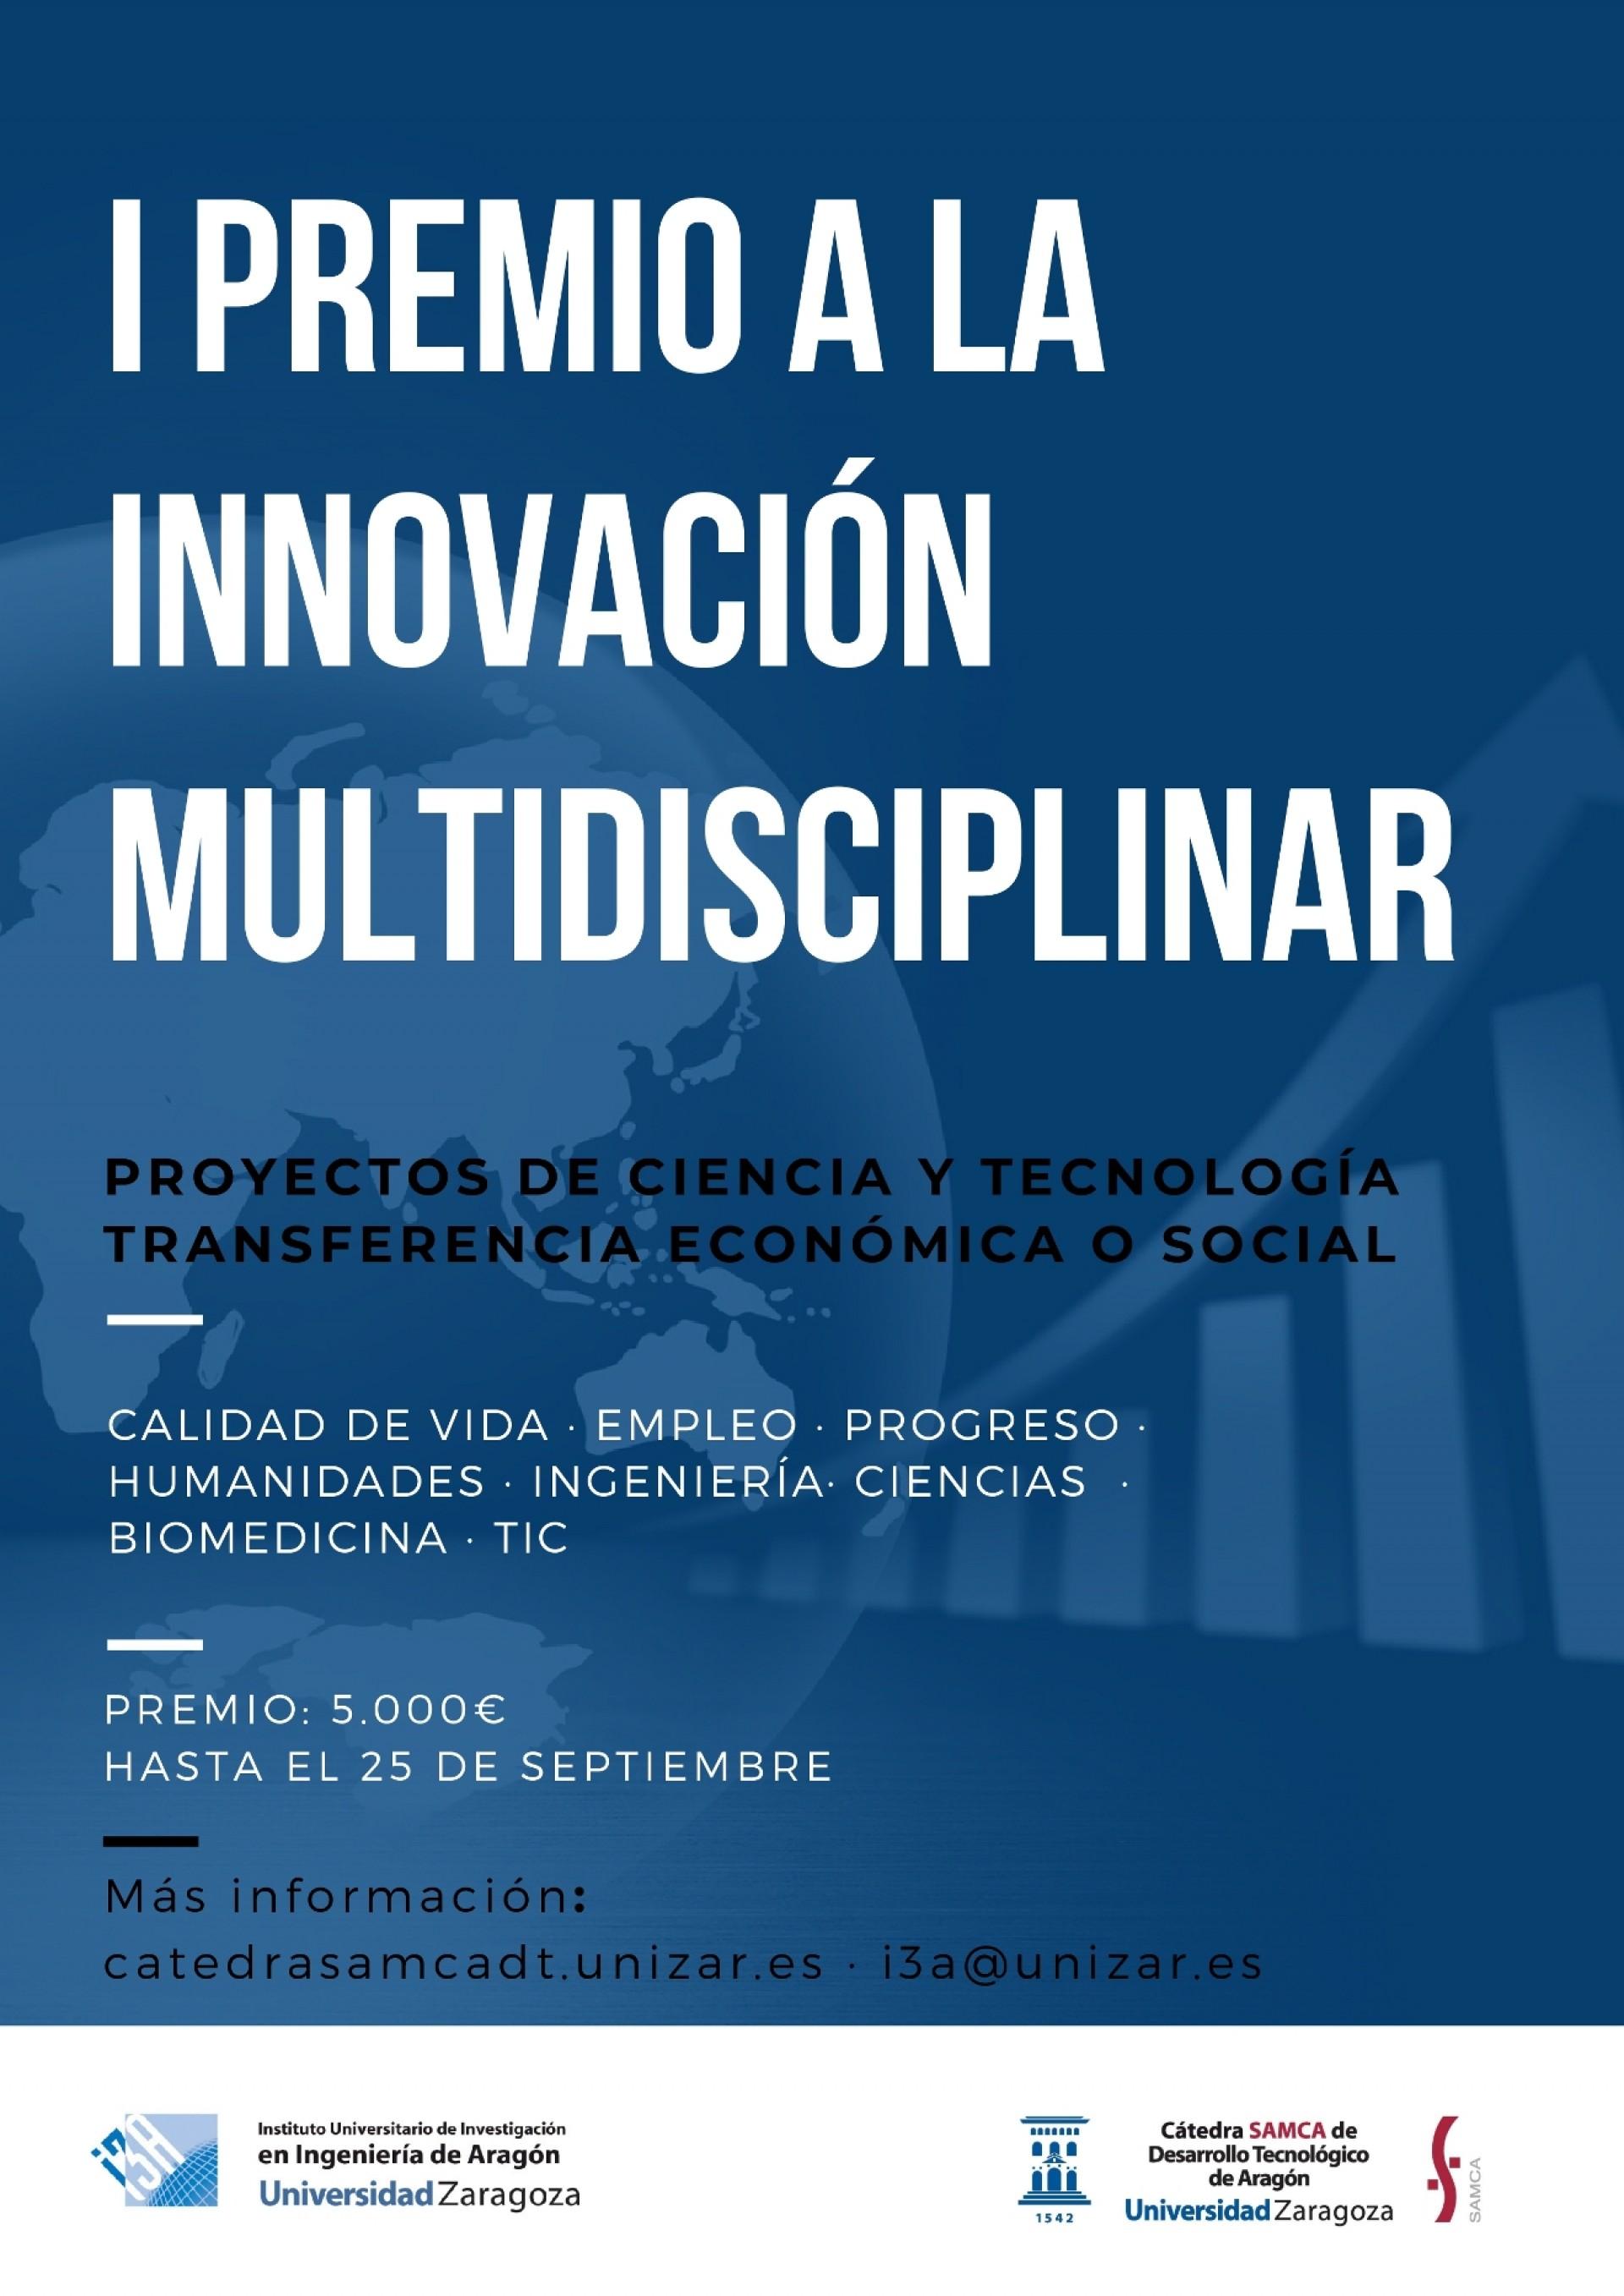 La Cátedra SAMCA de la Universidad de Zaragoza convoca su Primer Premio a la Innovación Multidisciplinar en I+D+i